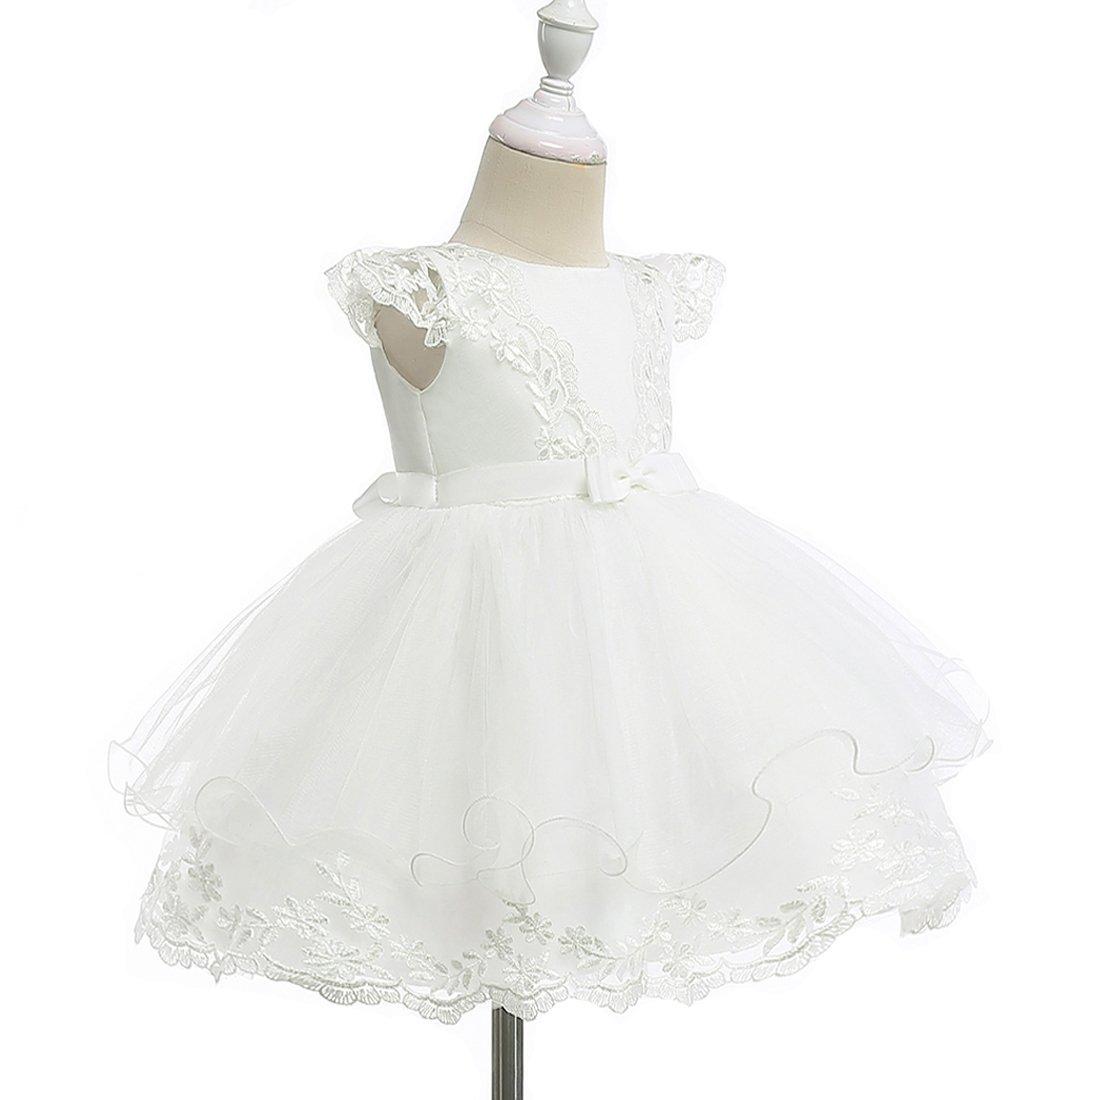 0a1eba671e Vestidos de Bautizo de la Niña Vestido de la Flor del Bordado del Cordón de  la Boda de la Princesa Vestido del Bautismo del Cumpleaños para la Niña  ...